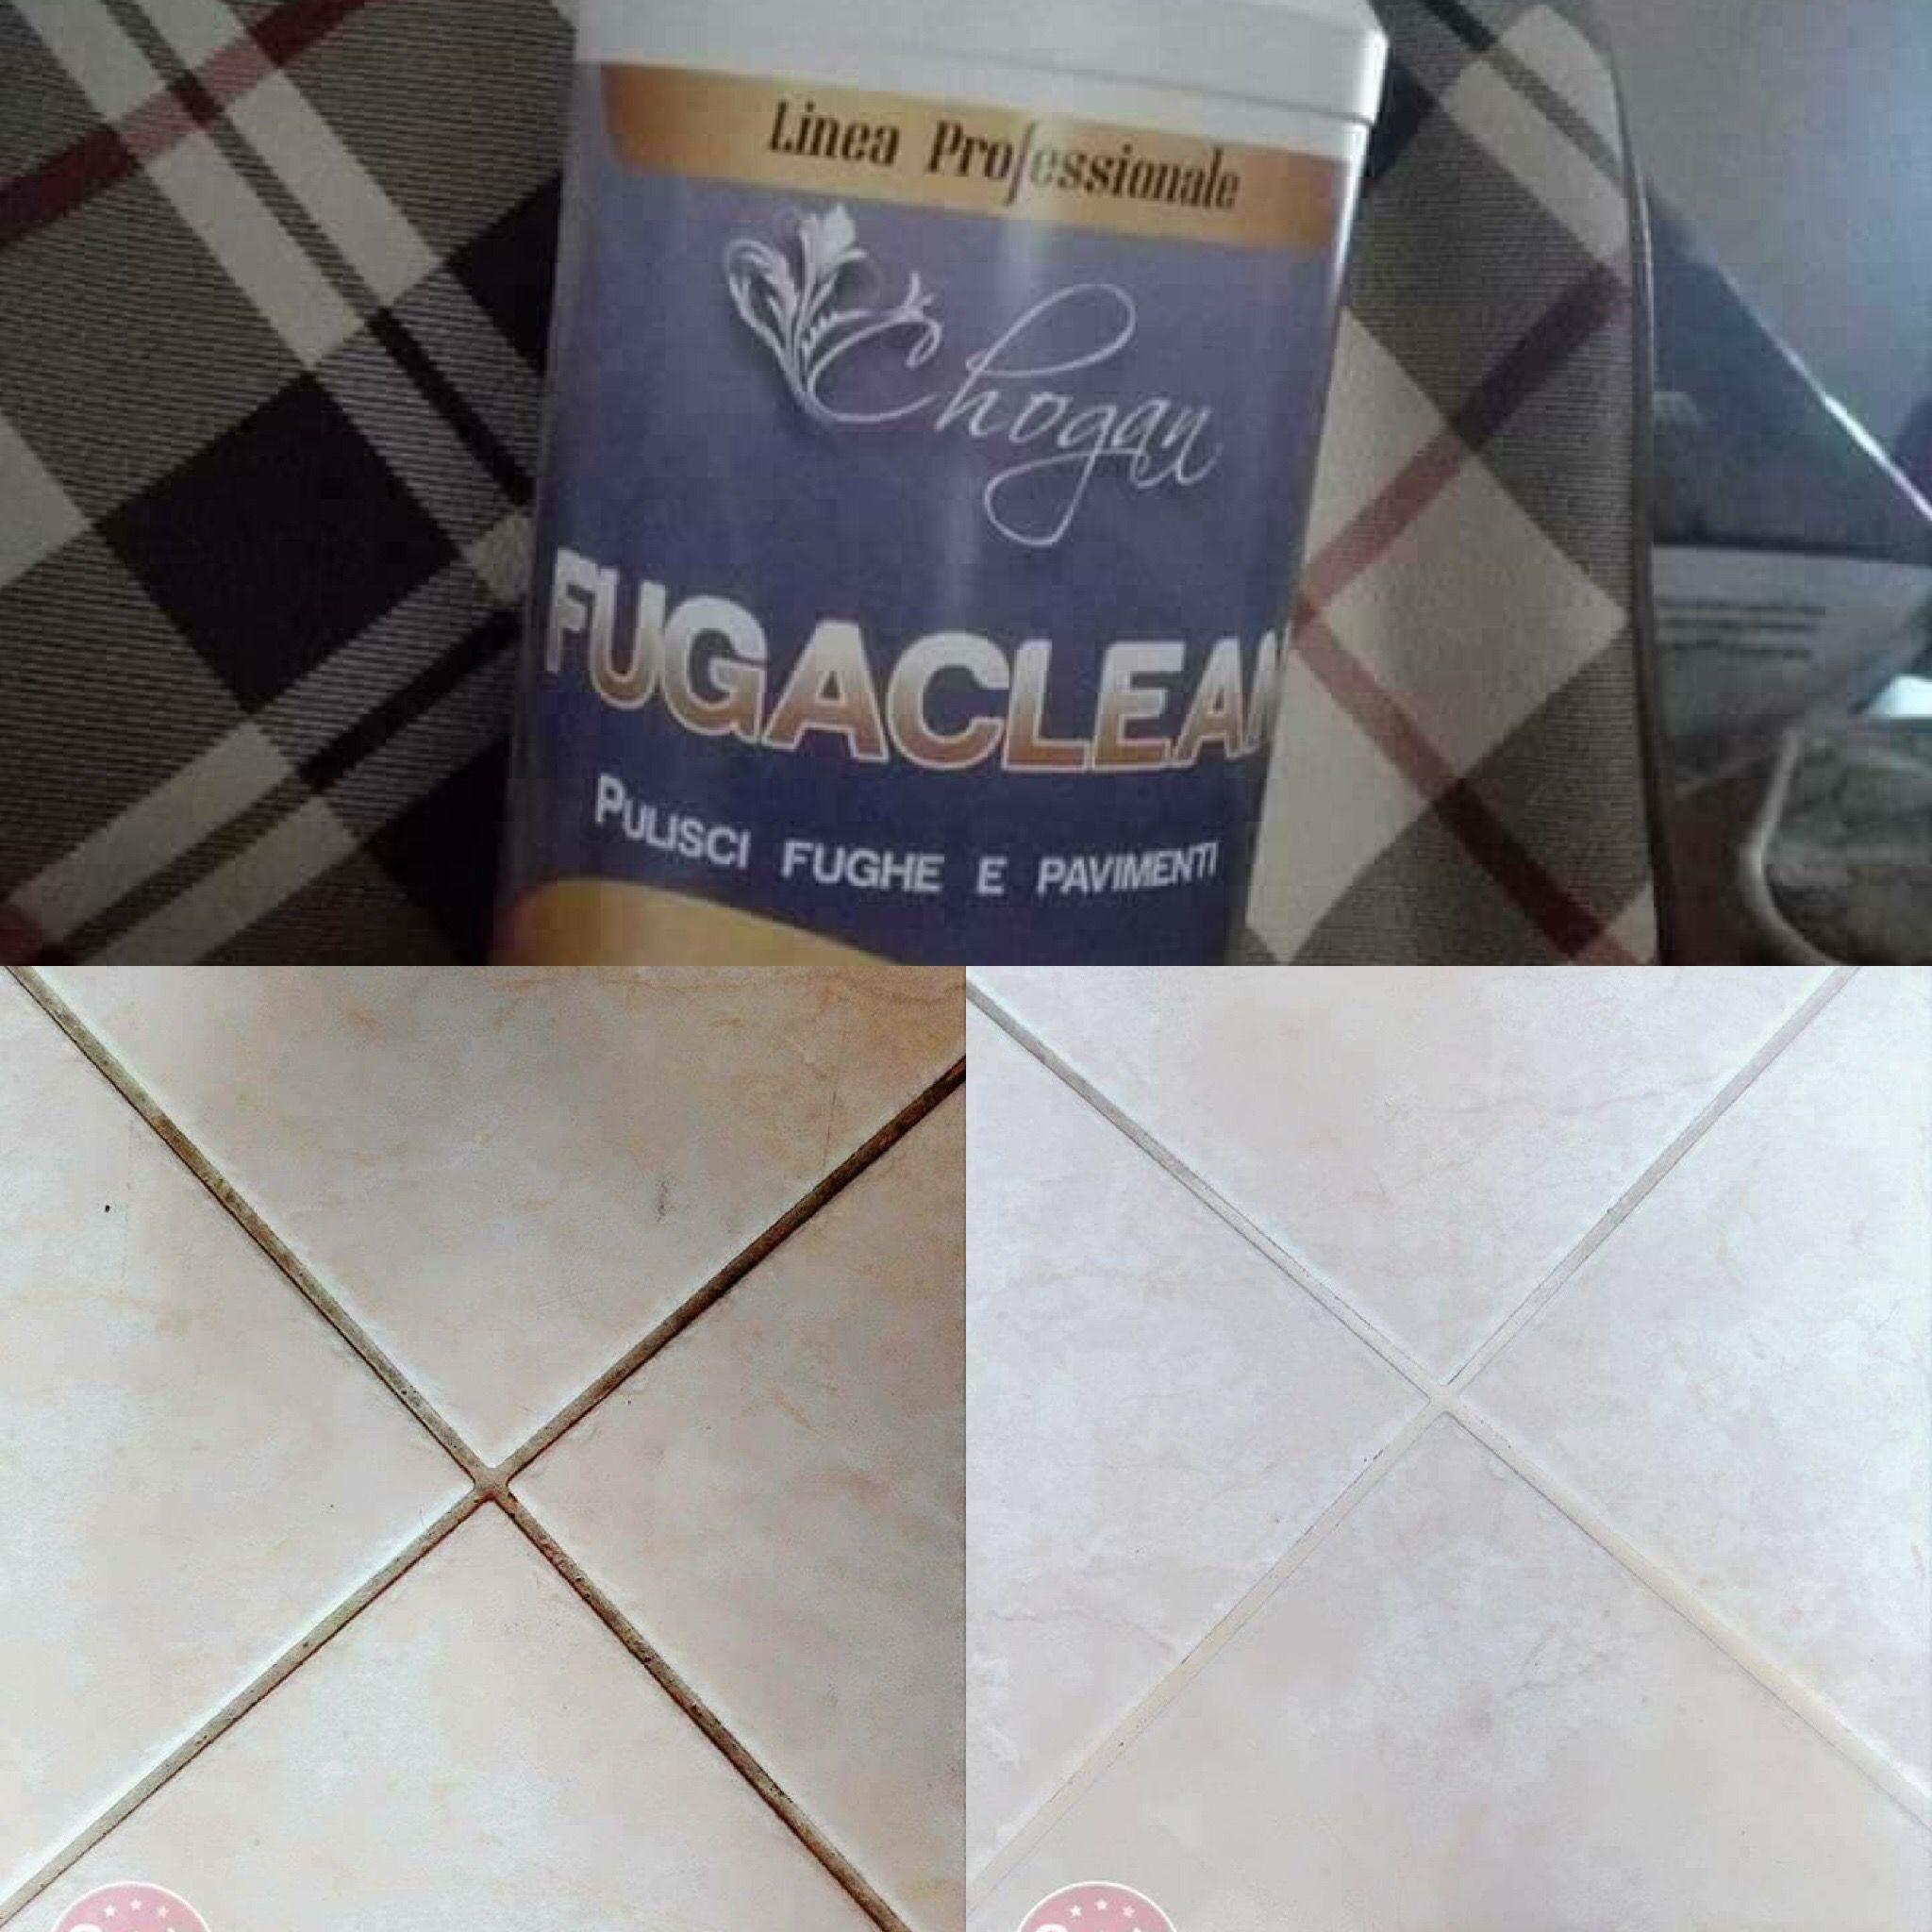 Testimonianza fugaclean chogan prodotti hccp per la casa adatto per pulire le fughe del - Prodotti per pulire casa ...